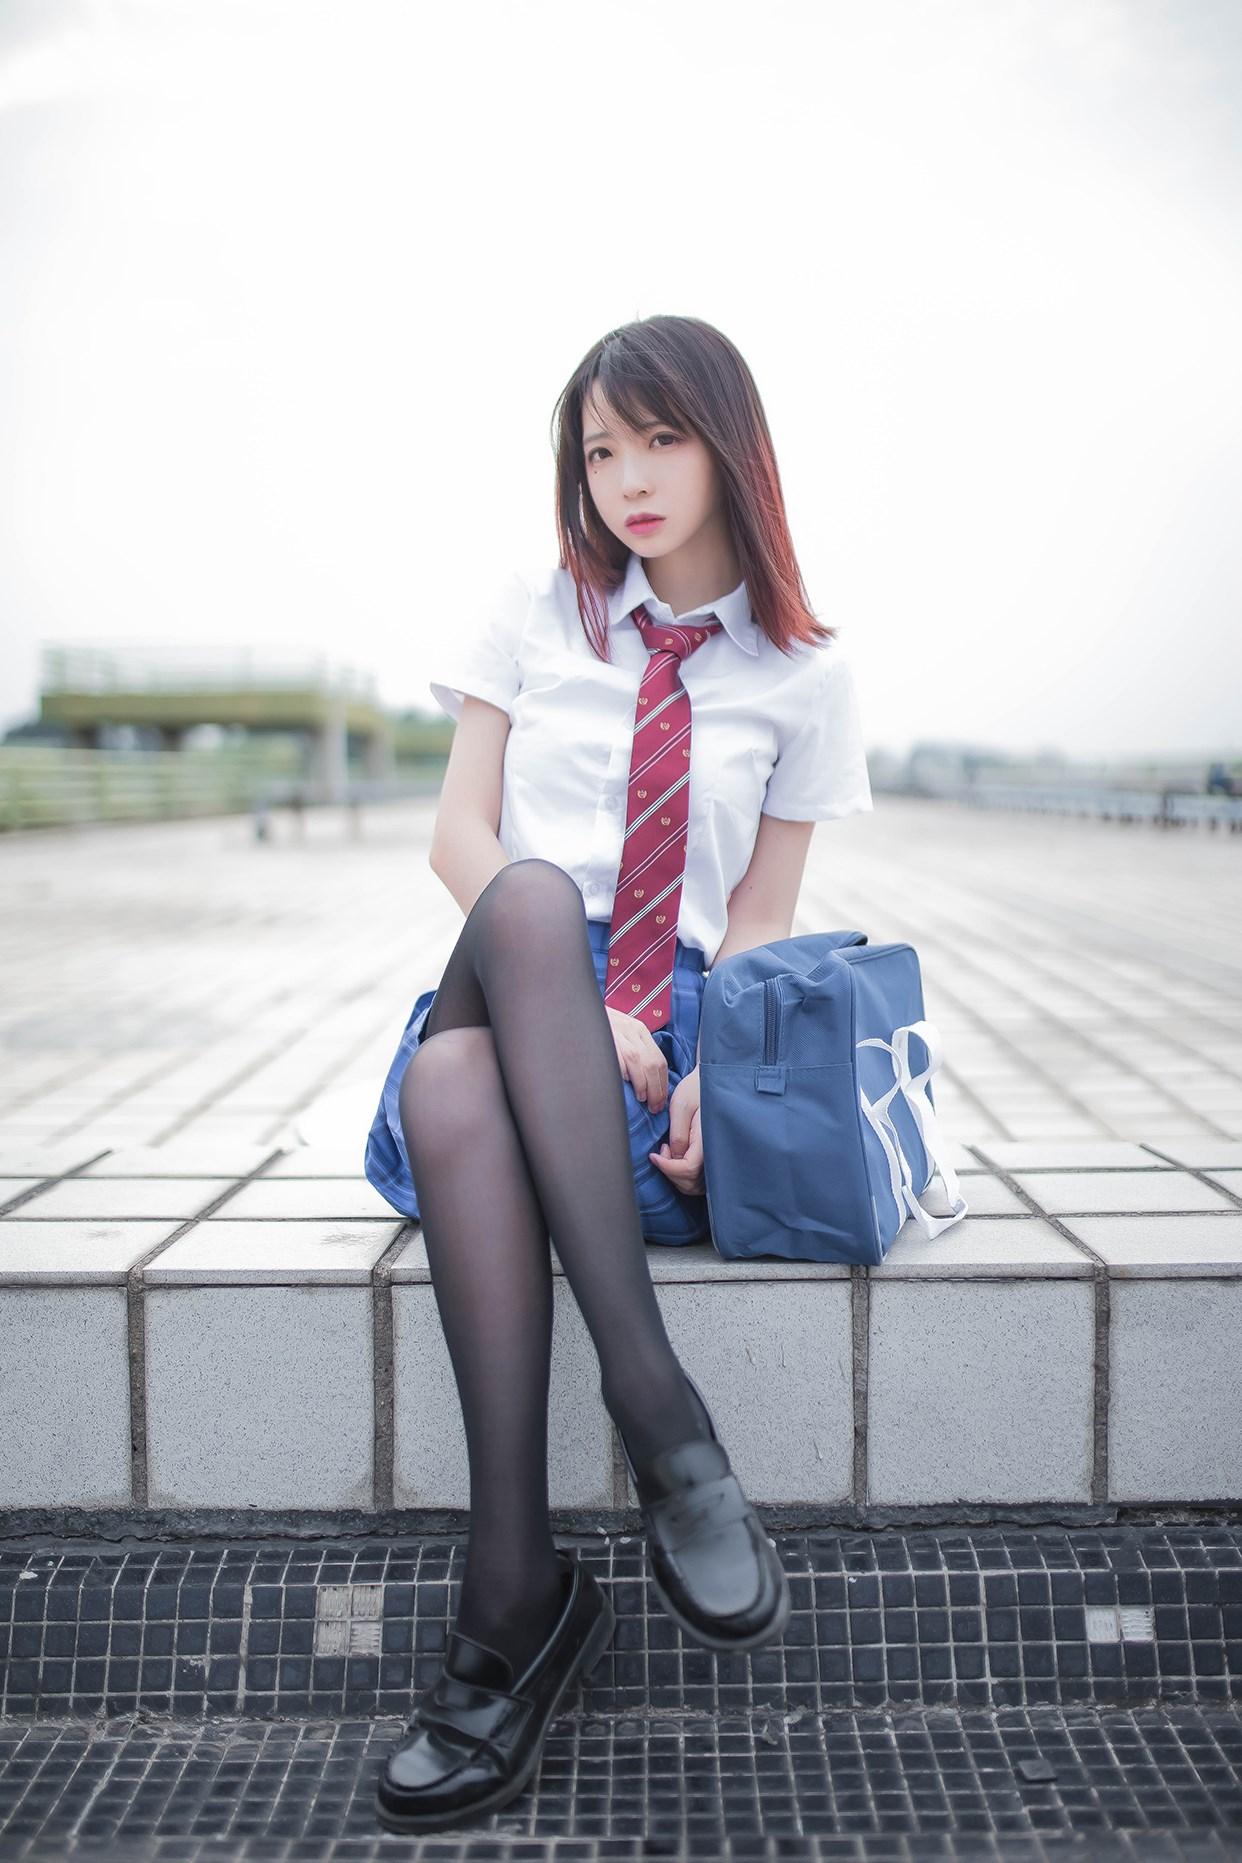 【兔玩映画】叛逆青春少女 兔玩映画 第29张